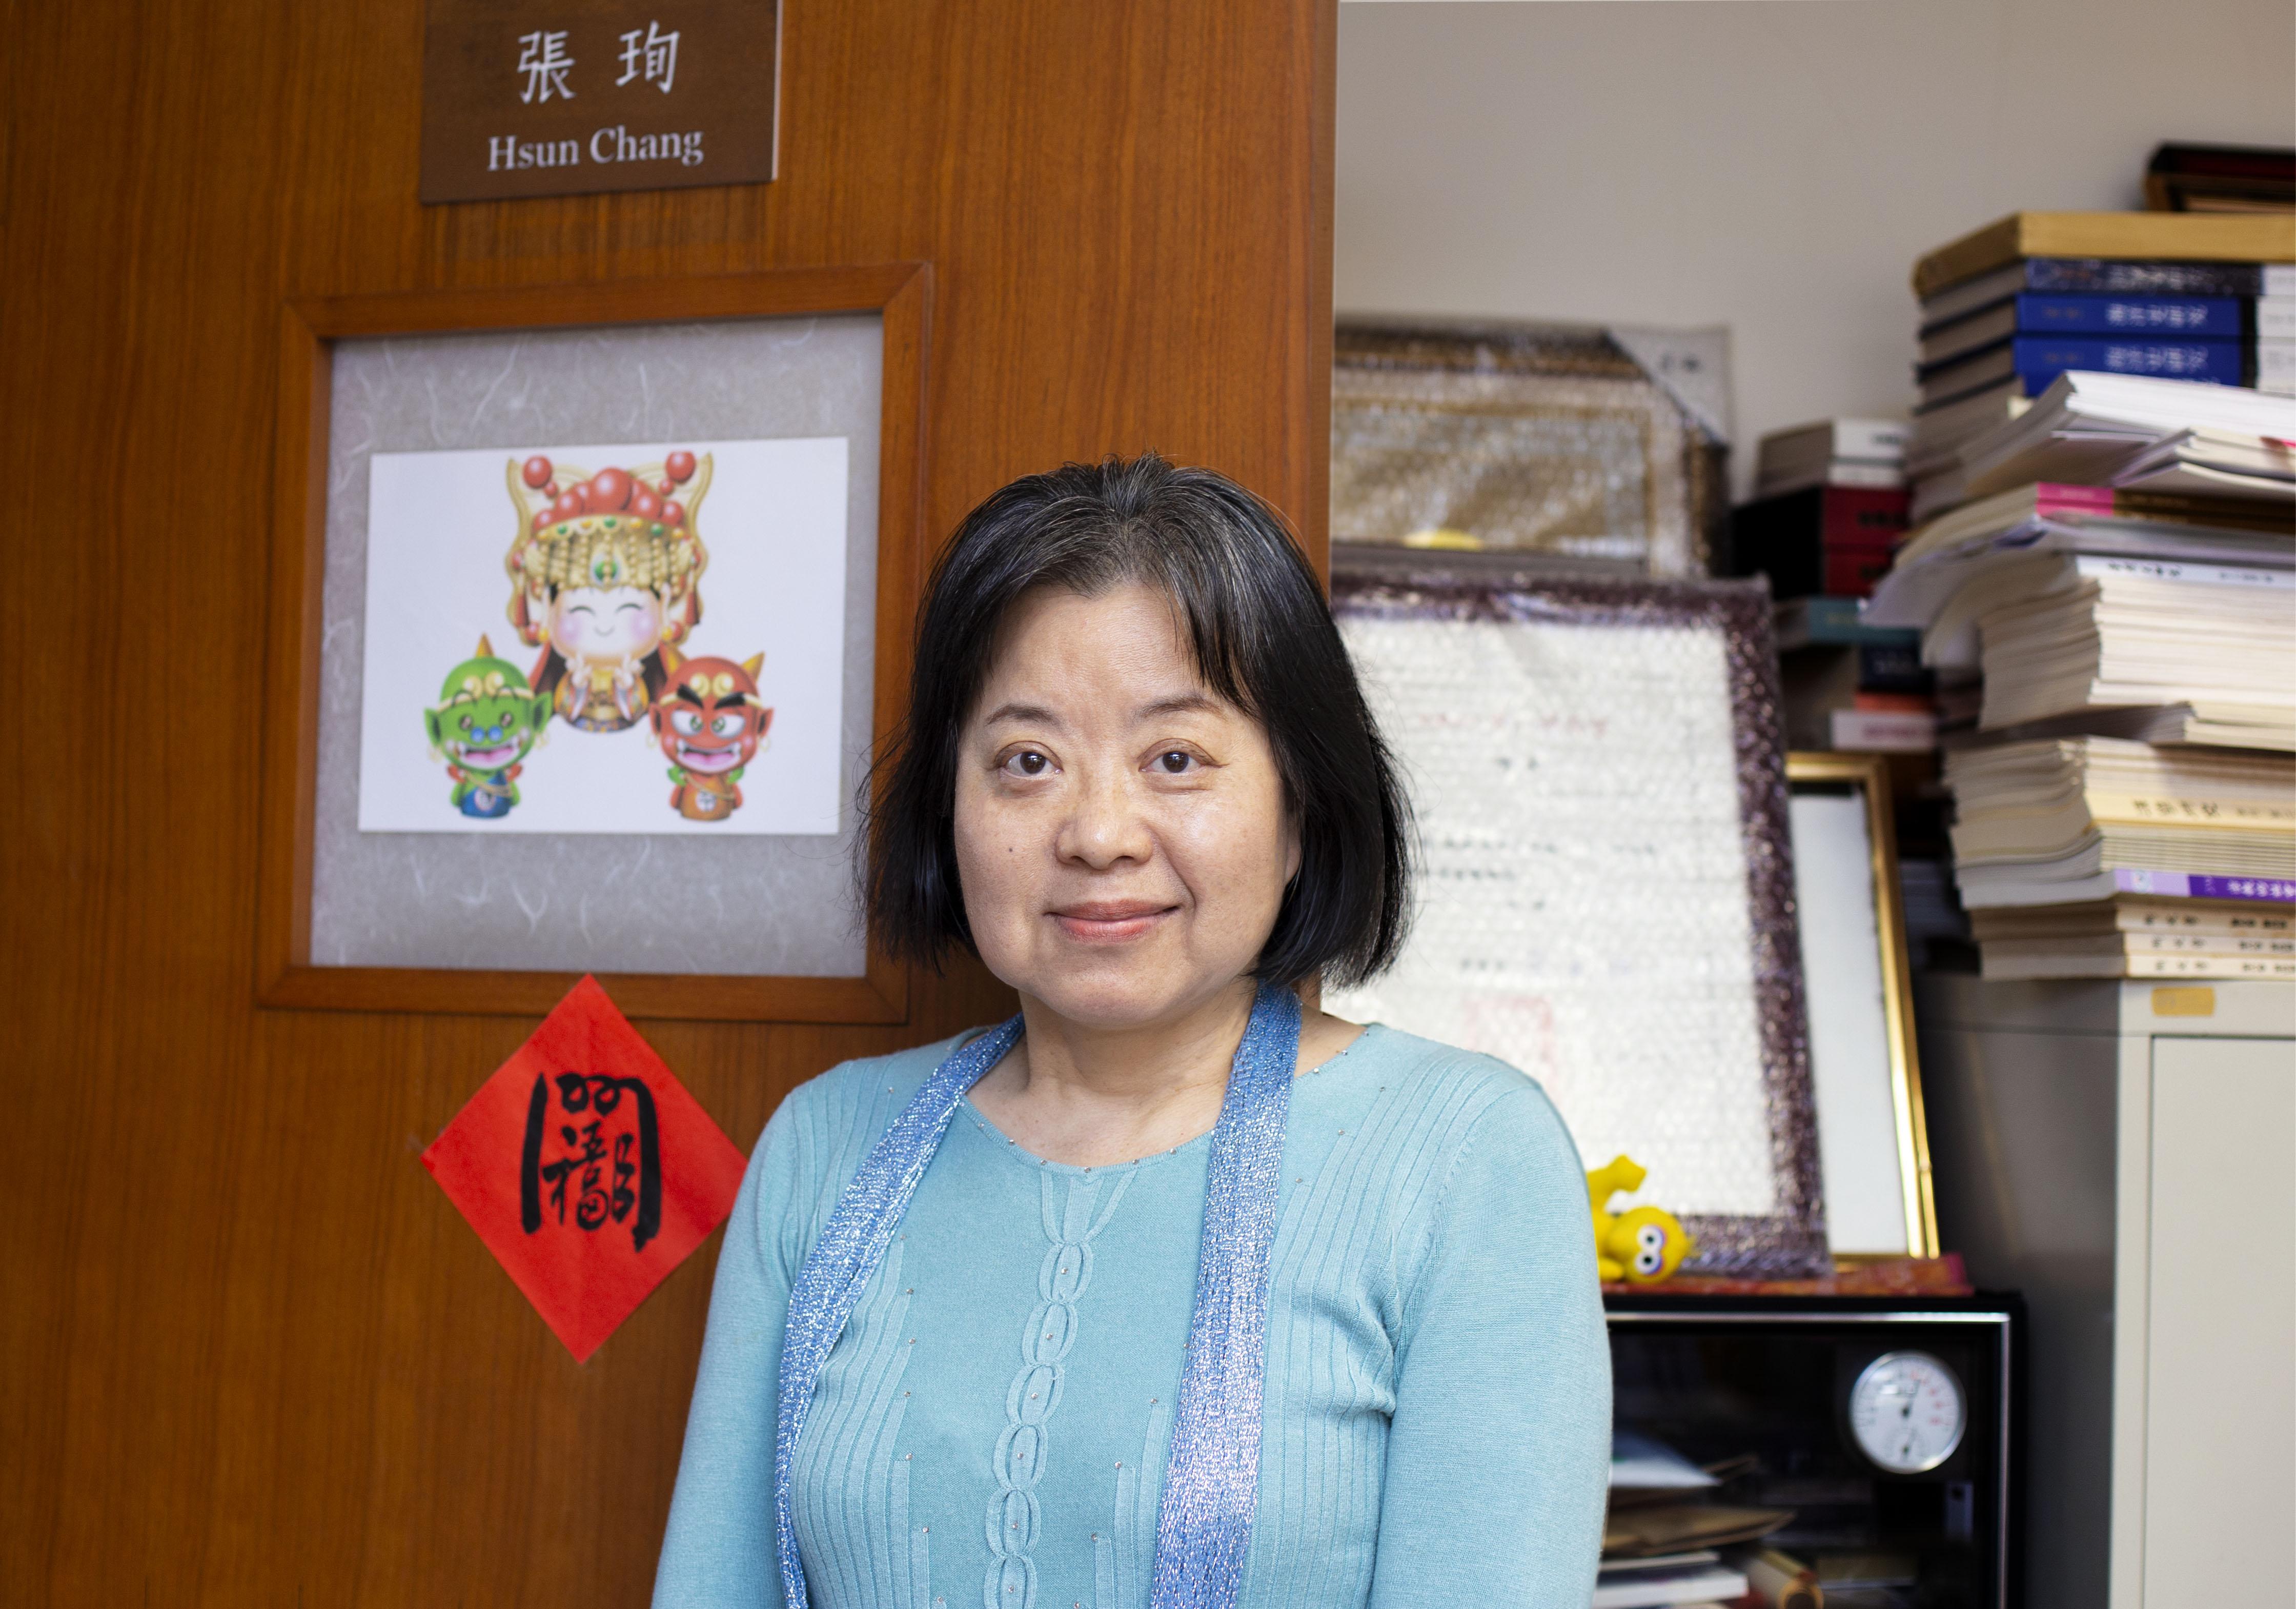 長年投入媽祖信仰研究,張珣笑稱,總有不同緣分默默牽引著她,持續研究、分享媽祖文化(難道是民間信仰天后的天選者?)。而超過 20 年的研究歷程,讓她最為觸動的也正是臺灣庶民文化中,蘊含的人情與倫理價值。圖│研之有物